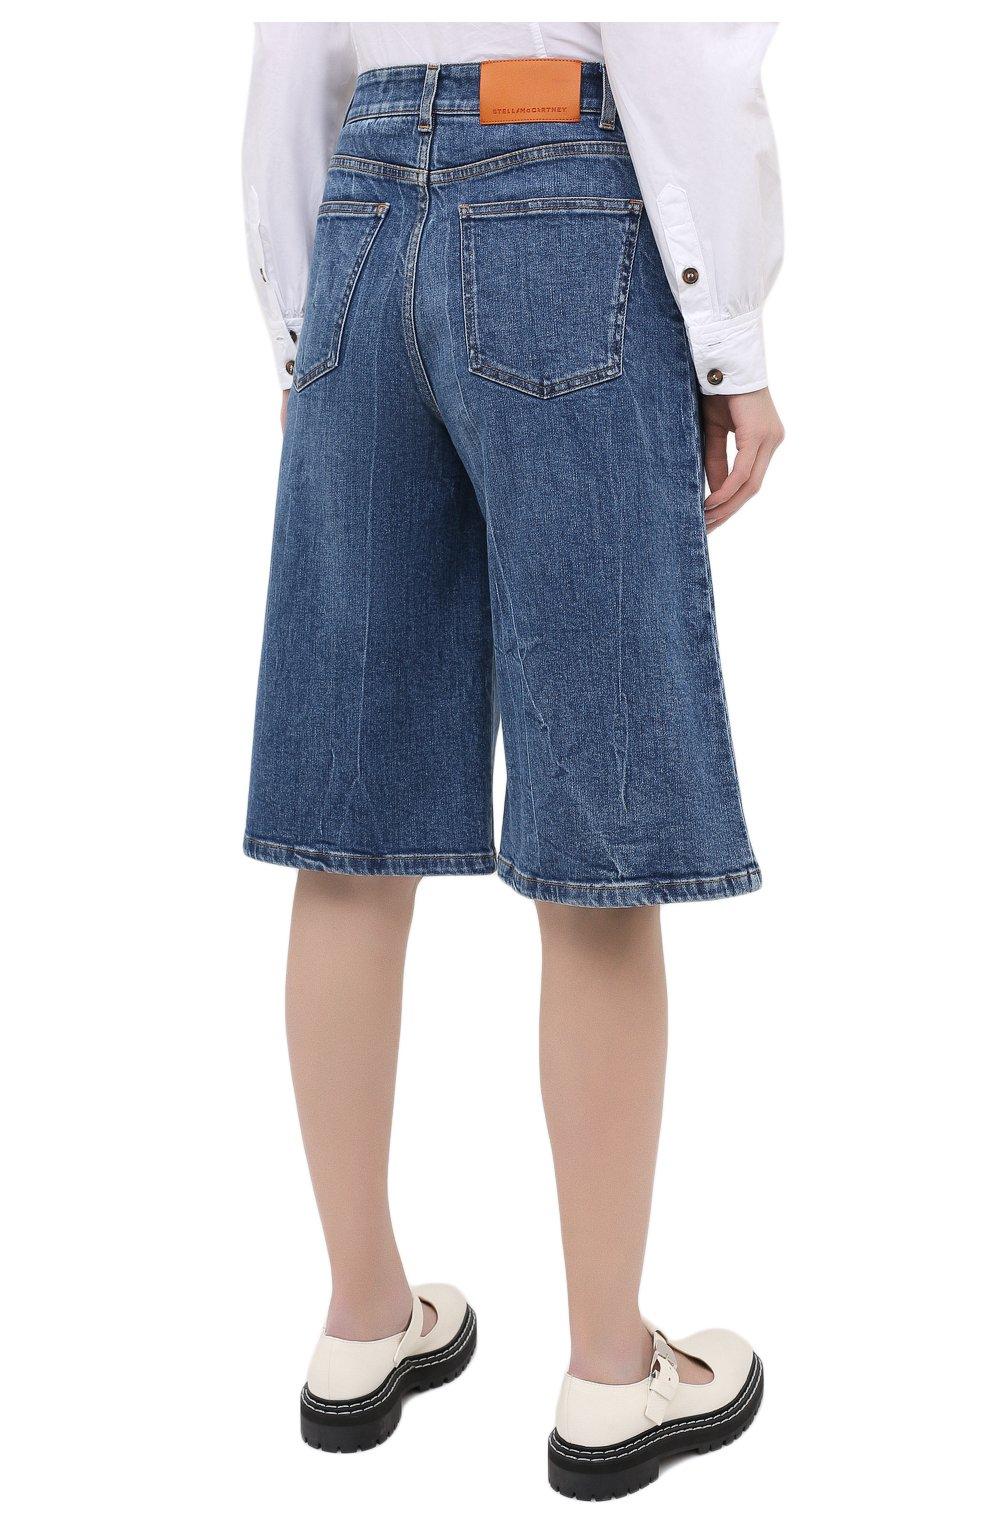 Женские джинсовые шорты STELLA MCCARTNEY синего цвета, арт. 601800/S0H02   Фото 4 (Женское Кросс-КТ: Шорты-одежда; Кросс-КТ: Деним, Широкие; Материал внешний: Хлопок; Длина Ж (юбки, платья, шорты): Миди; Стили: Кэжуэл)